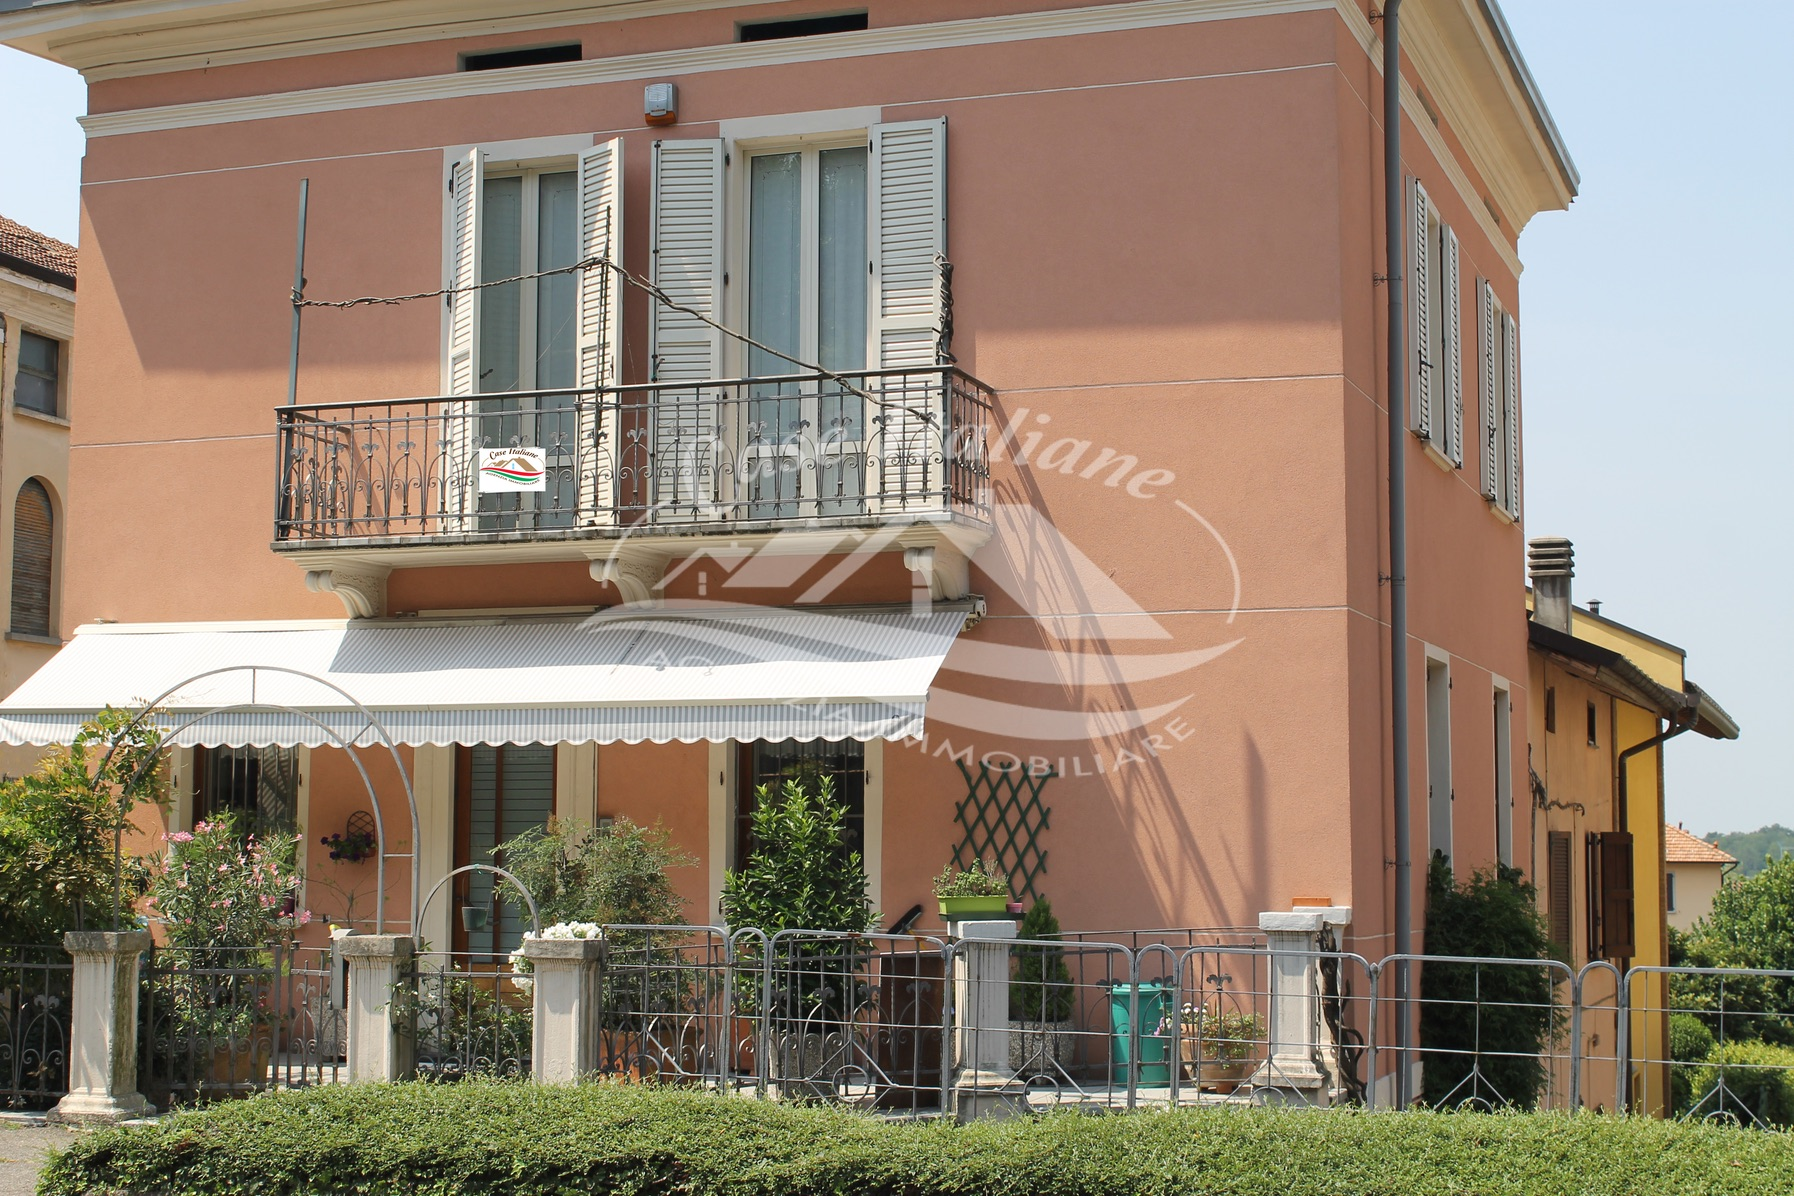 Img 8510 copia case italiane agenzia immobiliare cant for Case italiane immobiliare